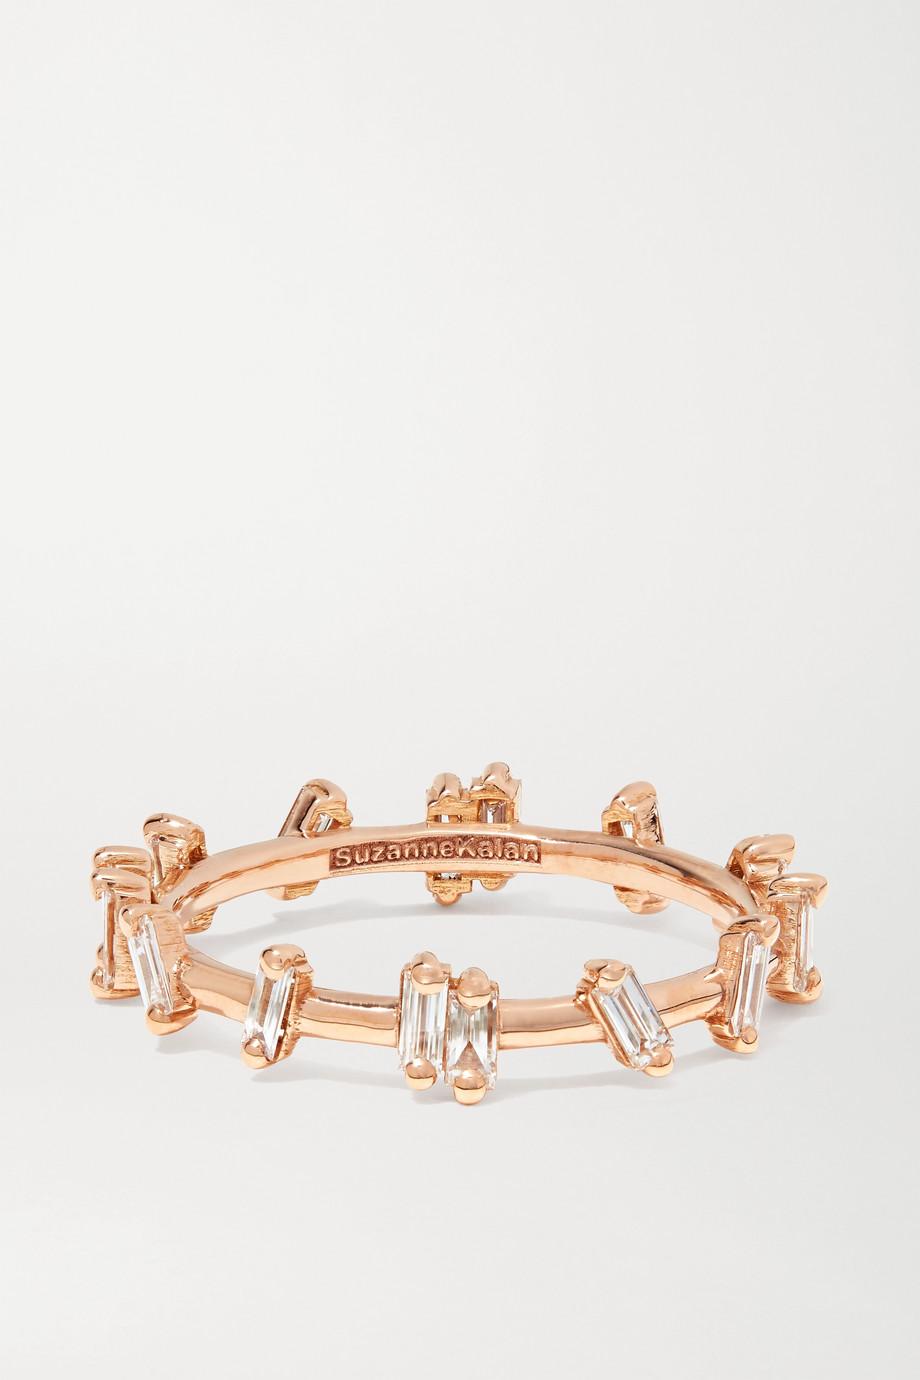 Suzanne Kalan Bague en or rose 18 carats et diamants